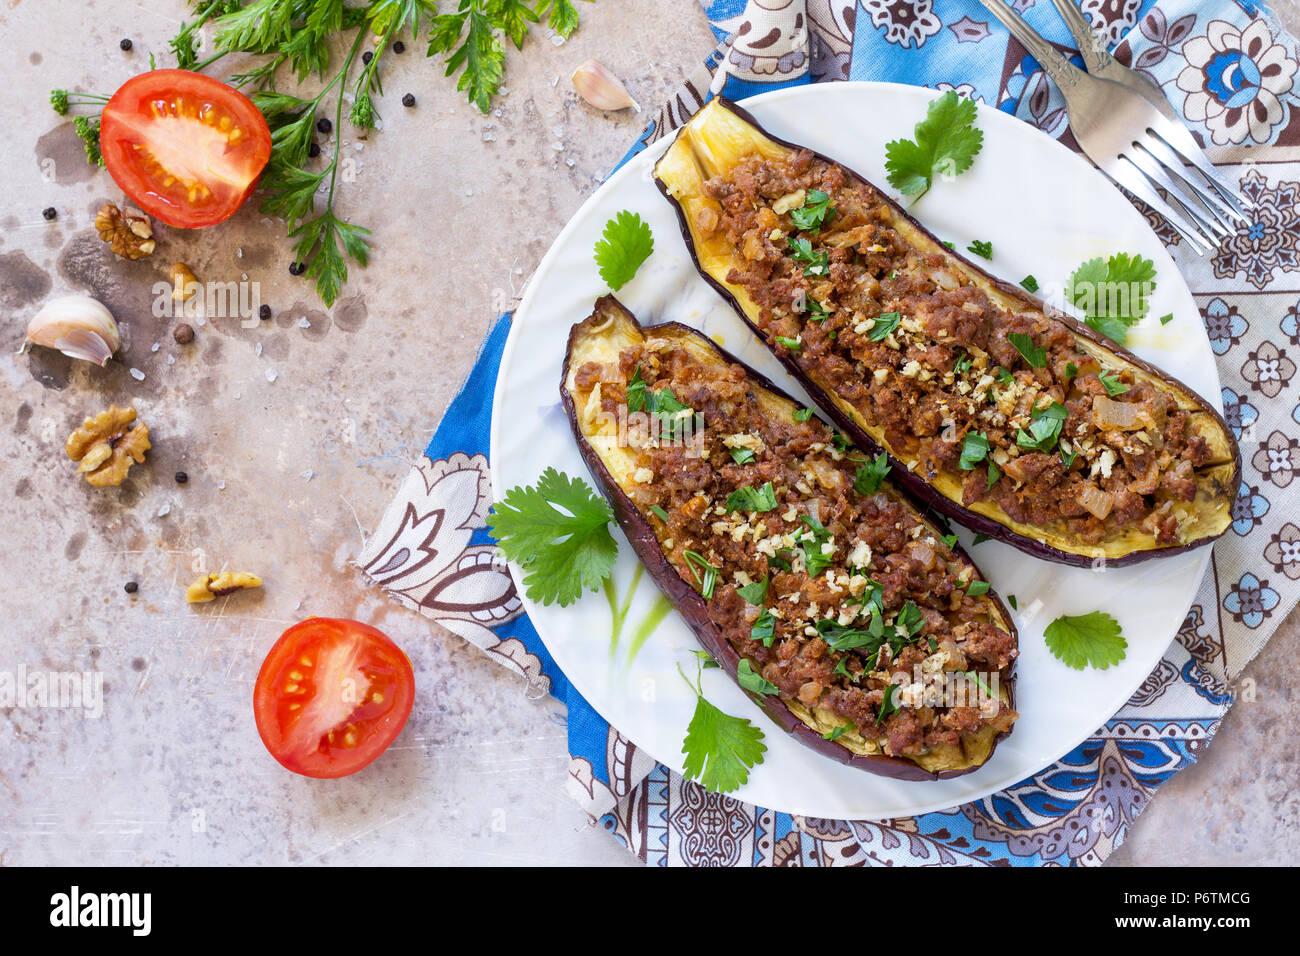 Gebackene Auberginen mit Fleisch-, Walnuss- und Gemüse. Traditionelle orientalische oder arabische Gericht. Stockbild